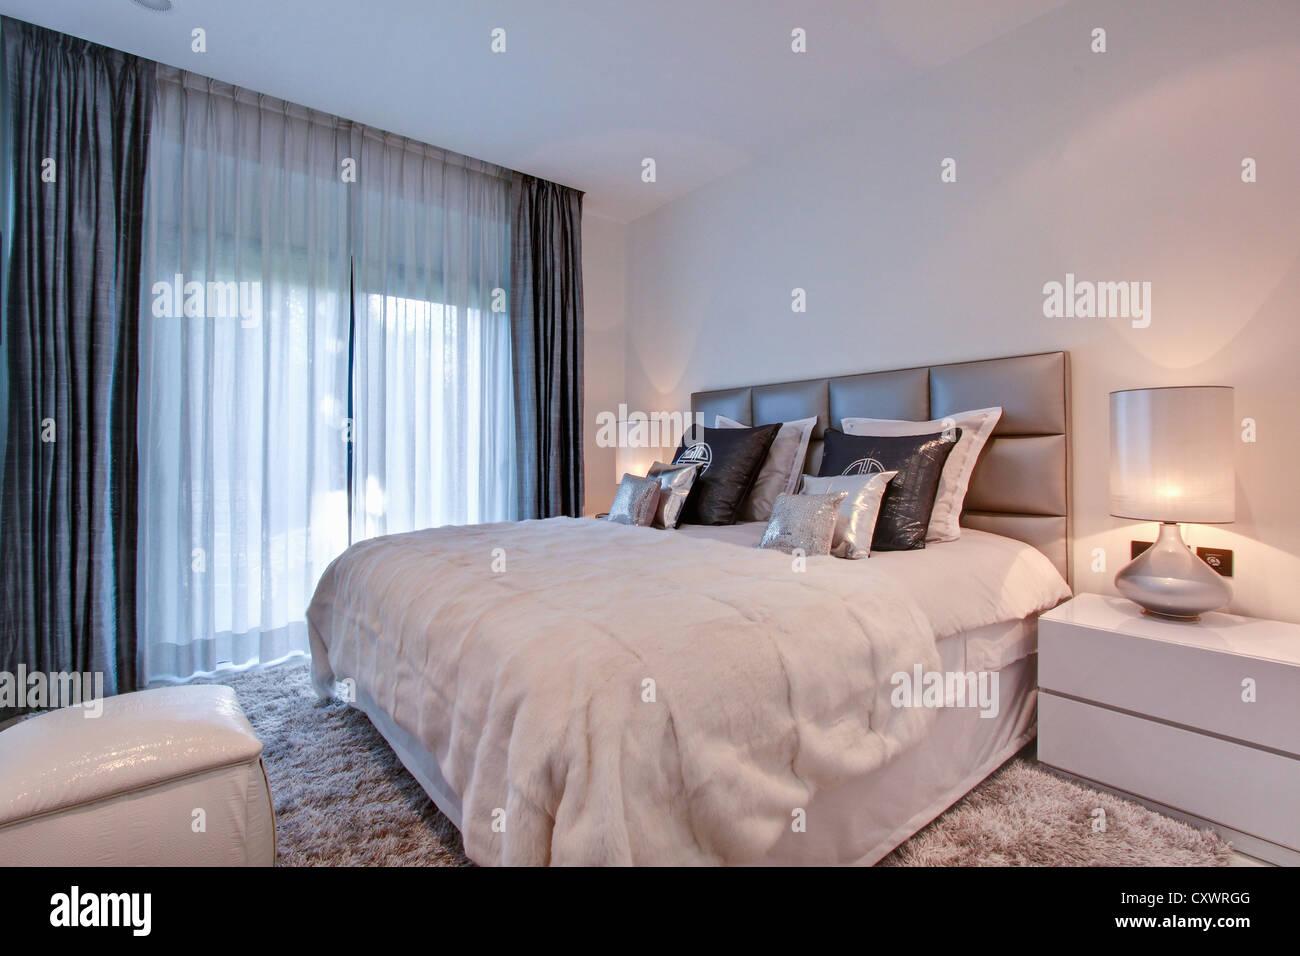 Cortinas en dormitorio Imagen De Stock